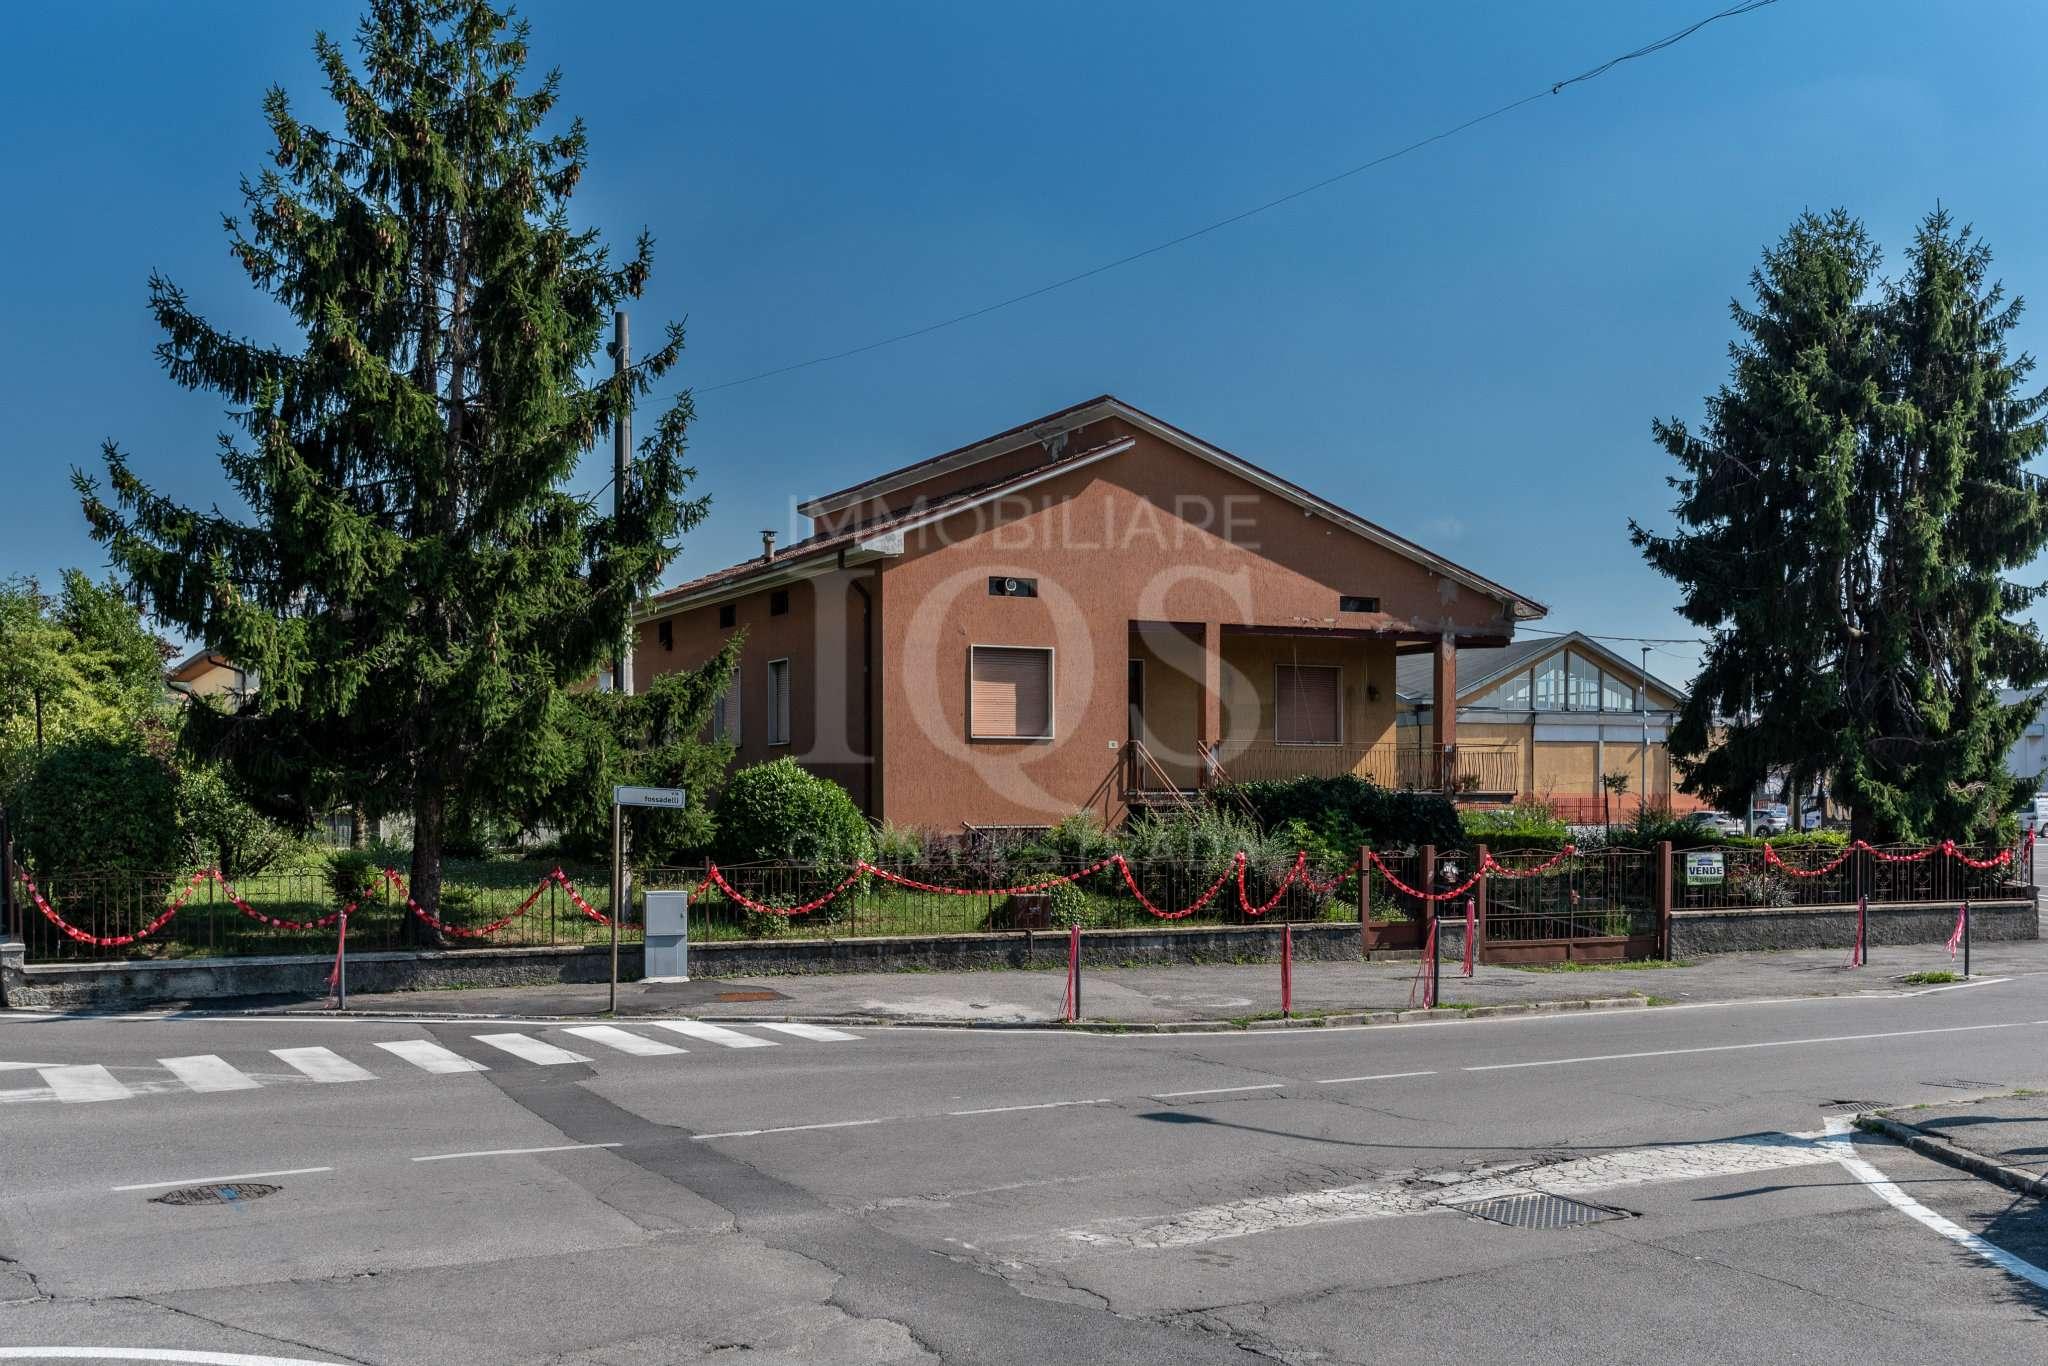 Soluzione Indipendente in vendita a Capriolo, 6 locali, prezzo € 248.000   PortaleAgenzieImmobiliari.it